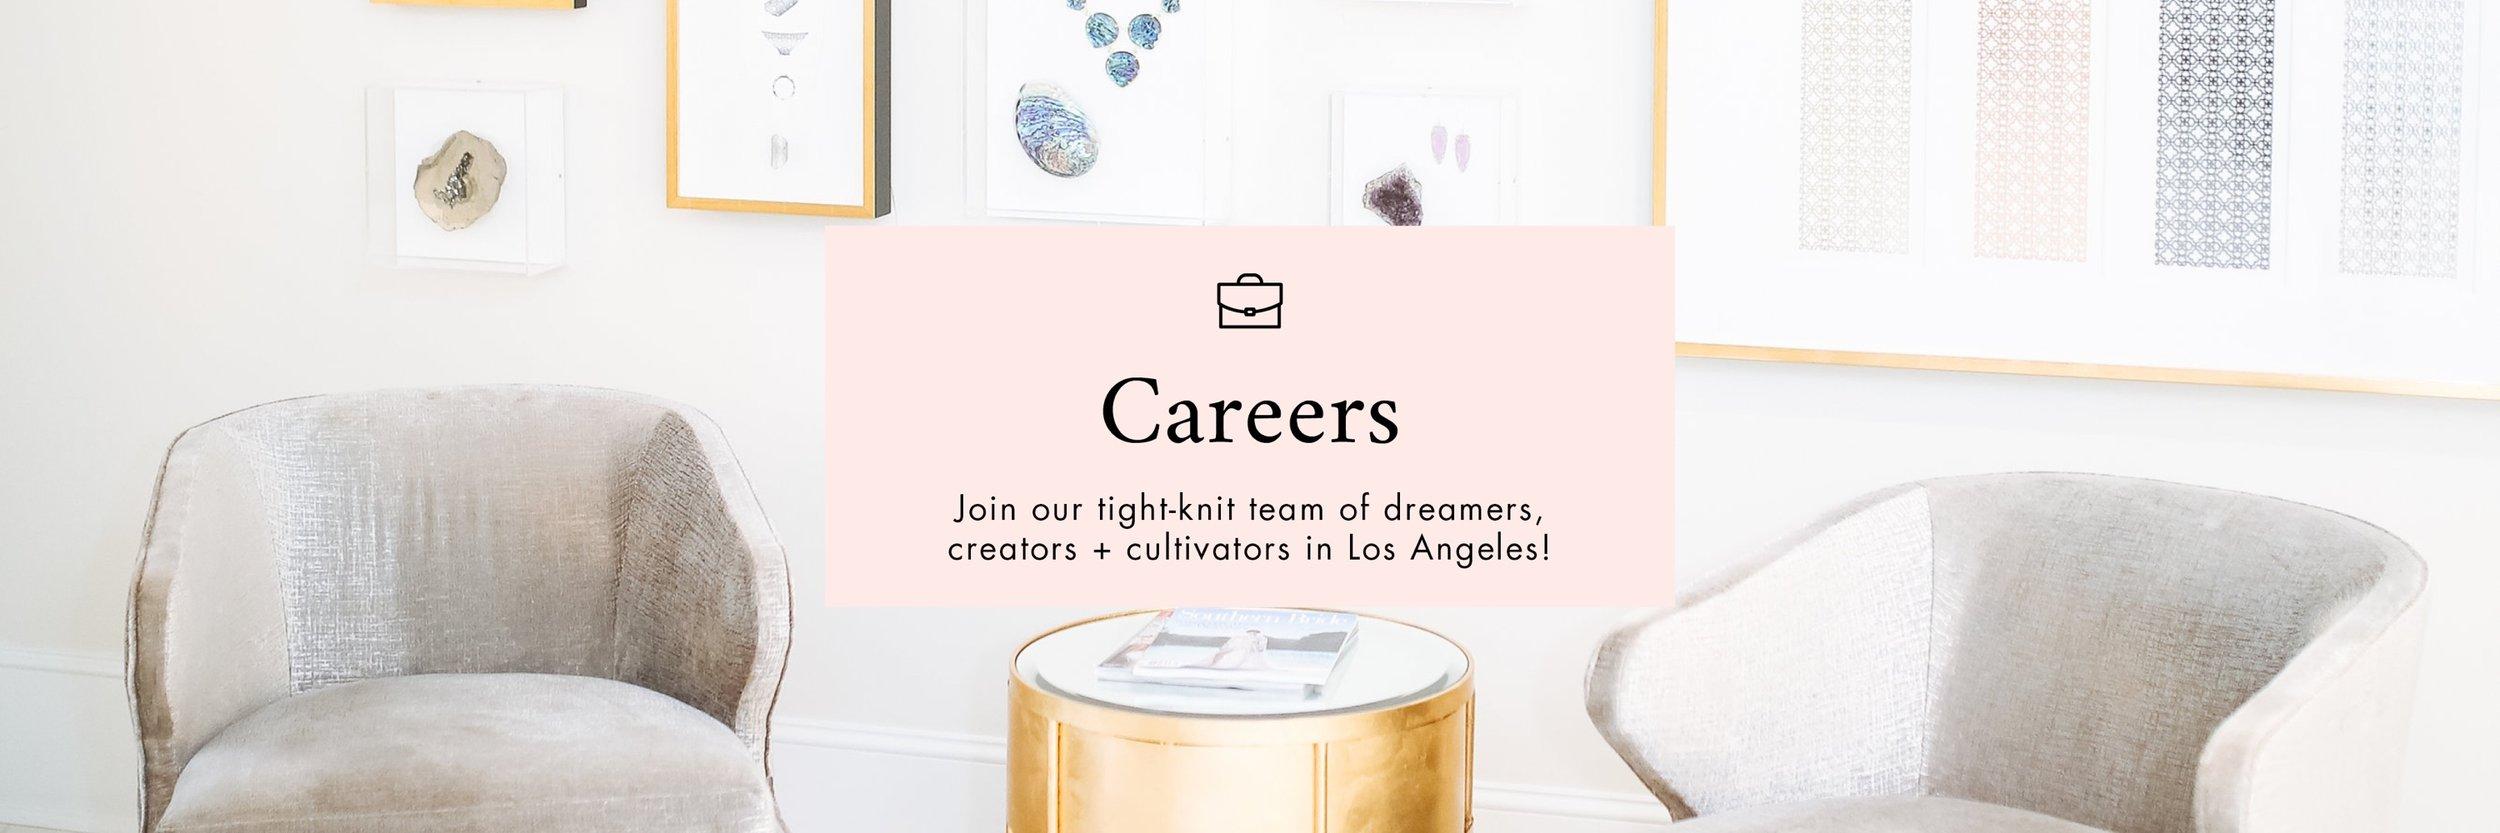 careers.jpg.jpeg